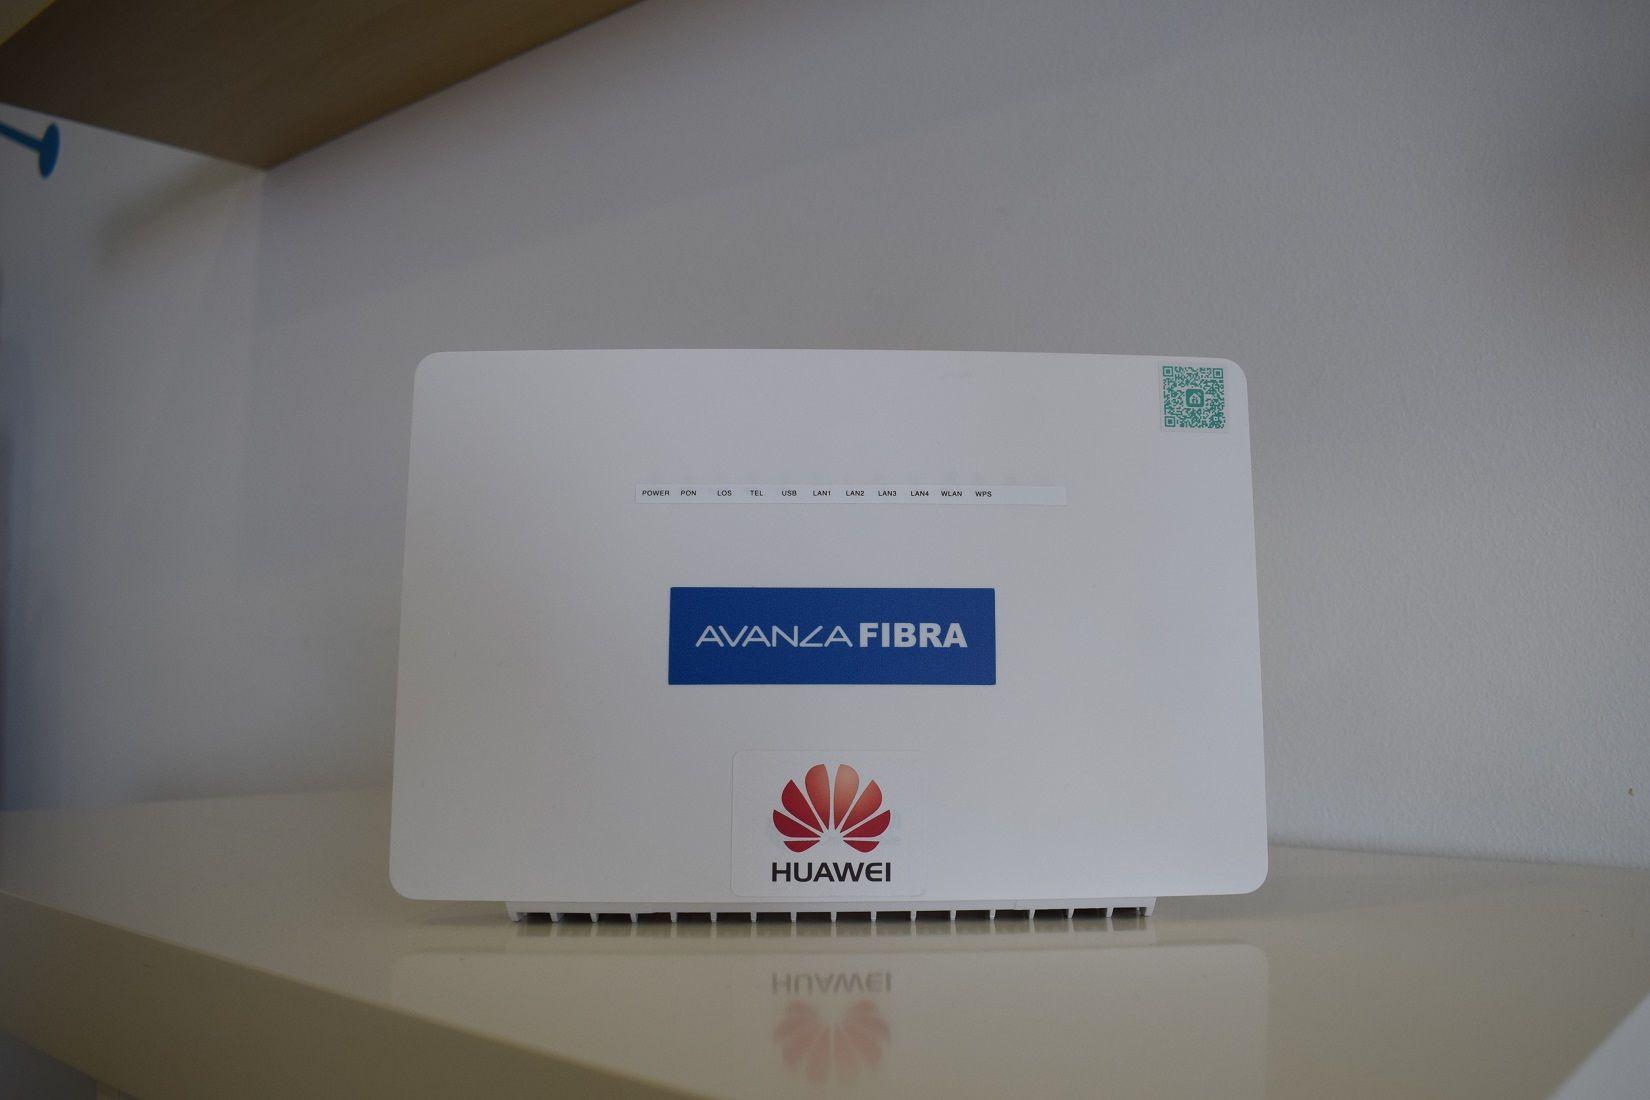 apagar router vacaciones evita robos información red